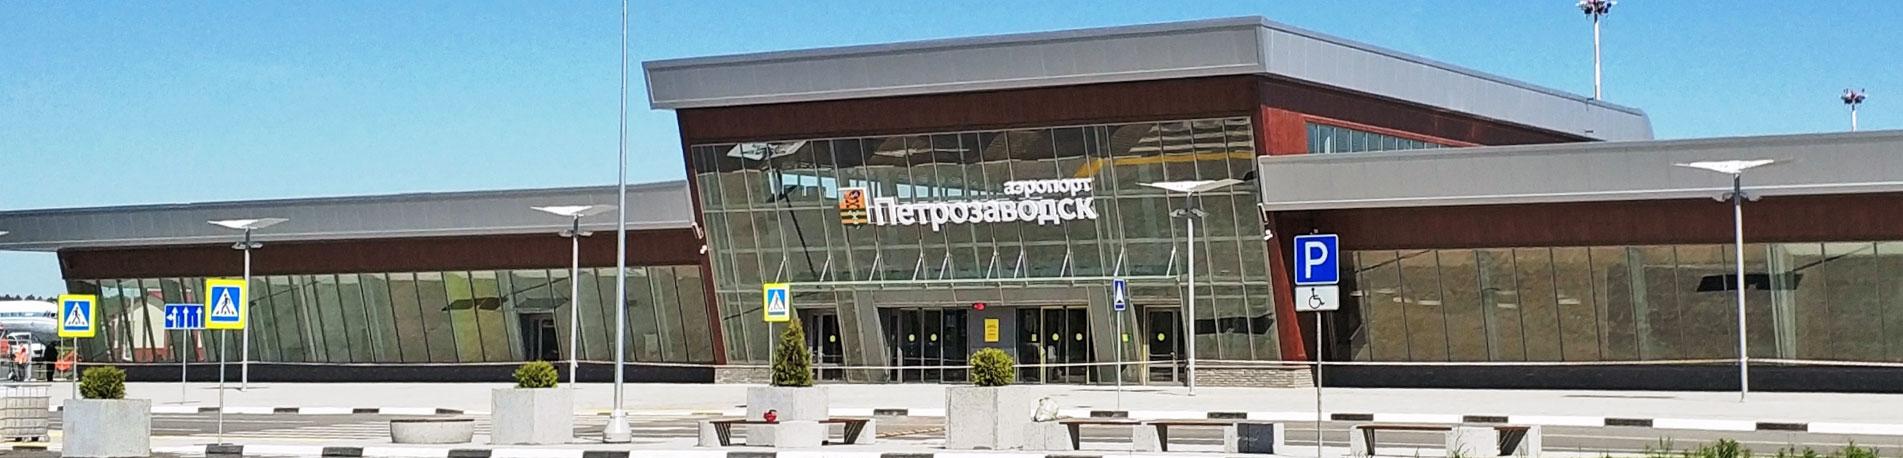 Обновленный аэропорт Петрозаводска